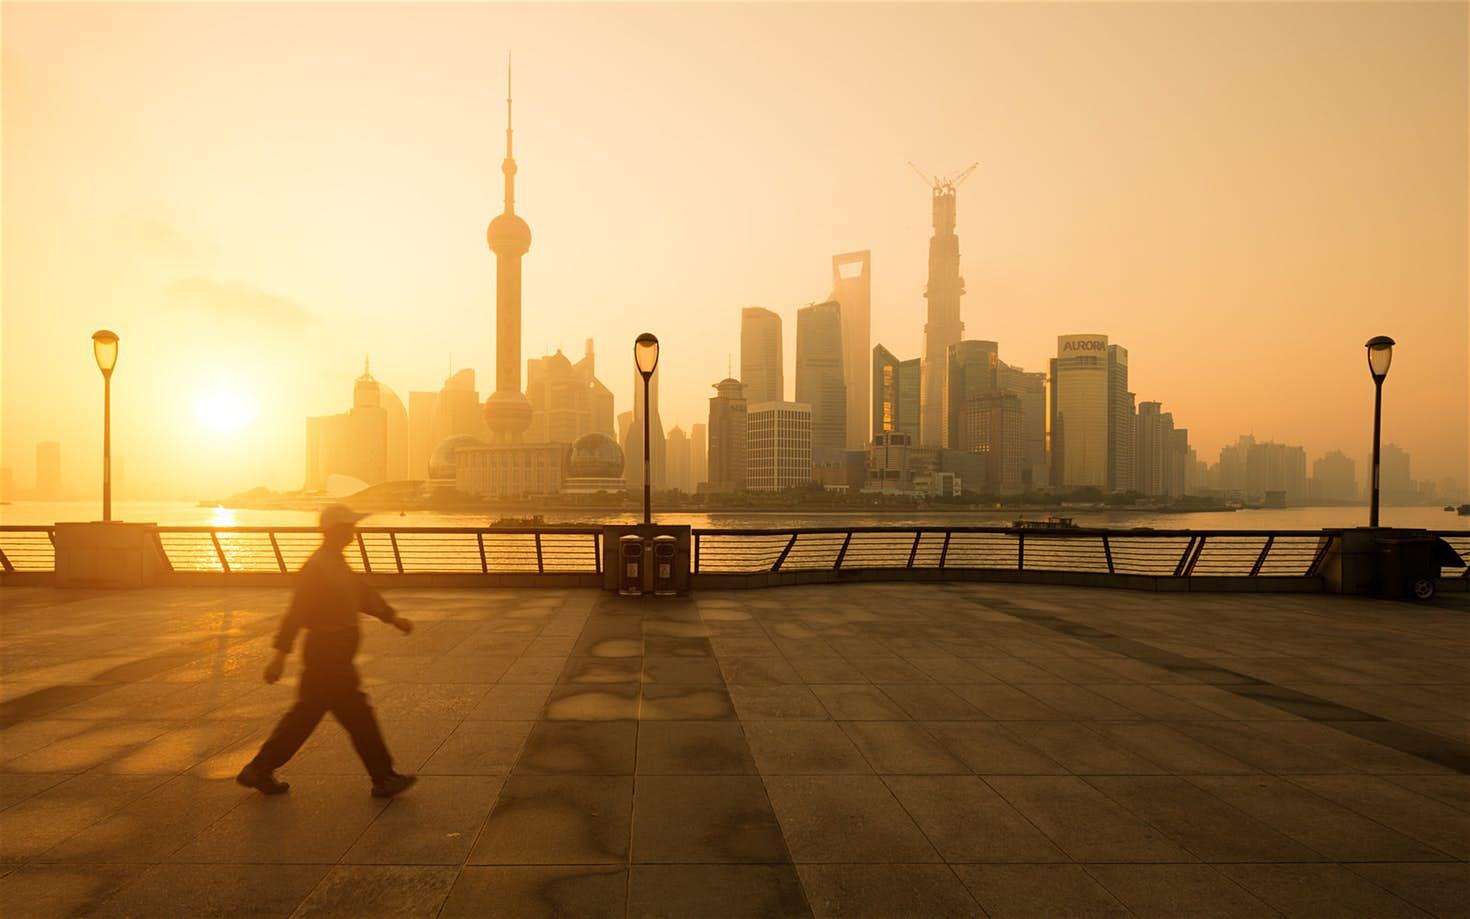 365早报:脸书泄密门再升级 特朗普对中国发起贸易战